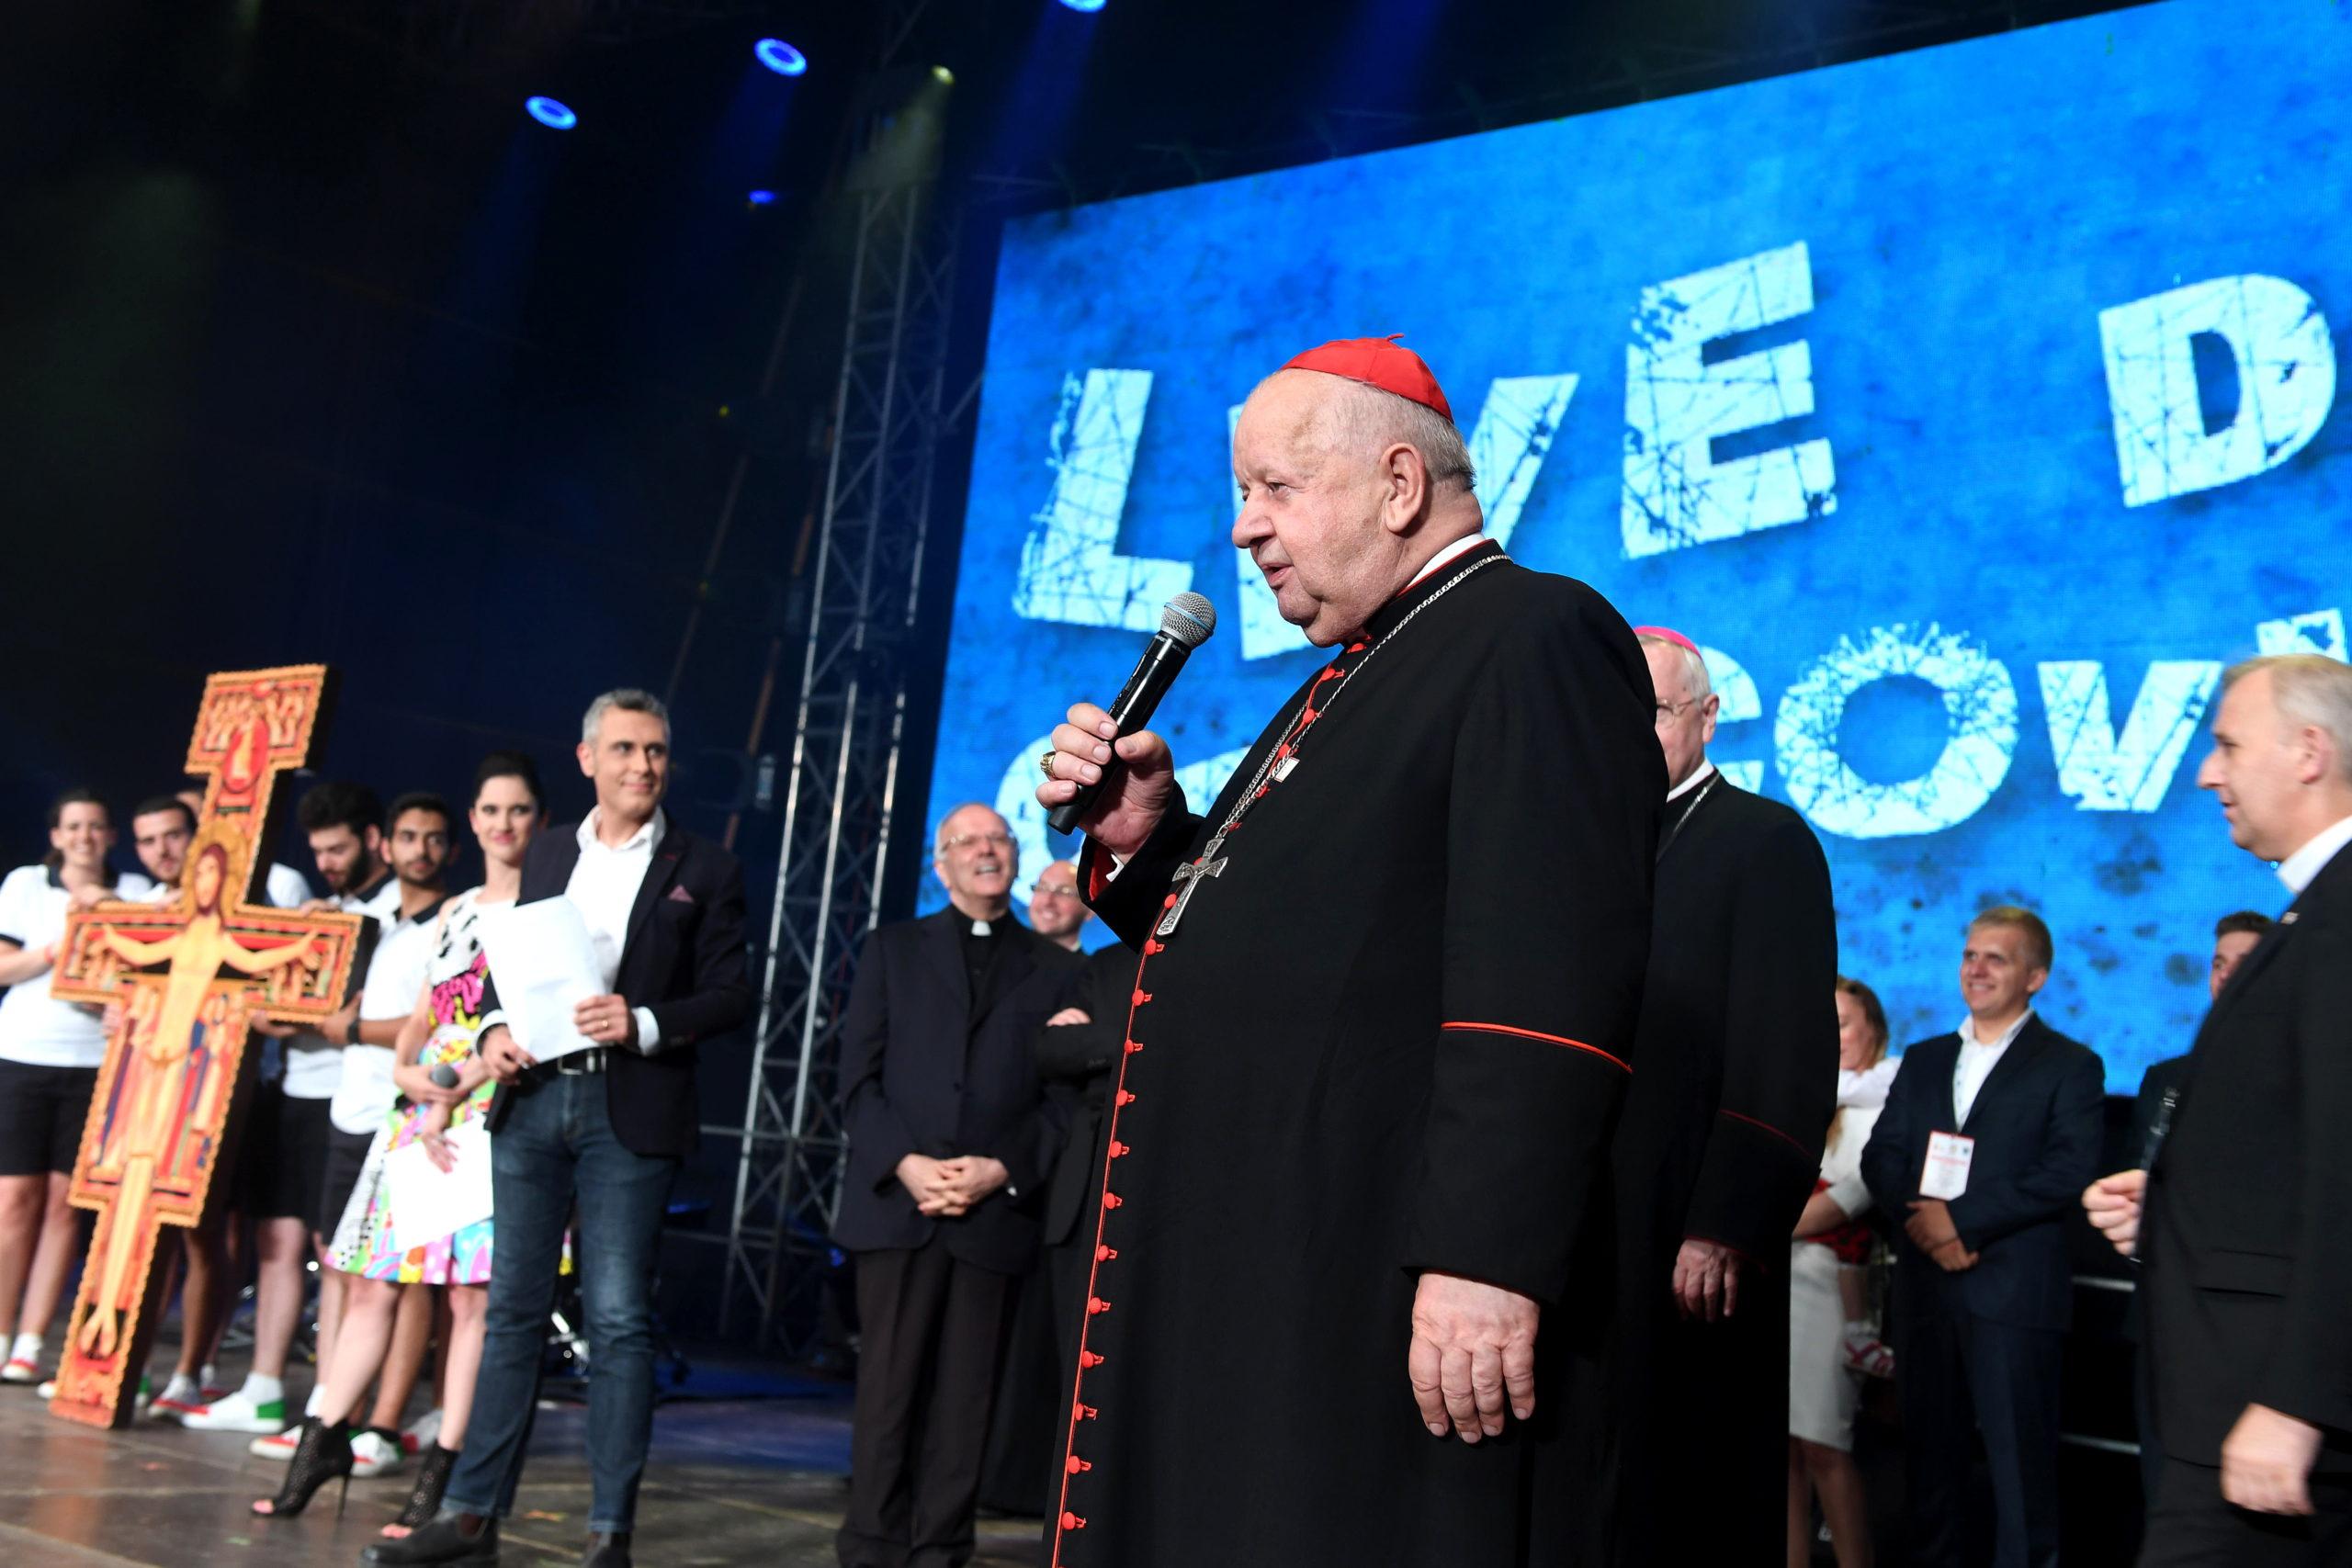 Przekazanie Krzyża z San Damiano, 27 VII 2016